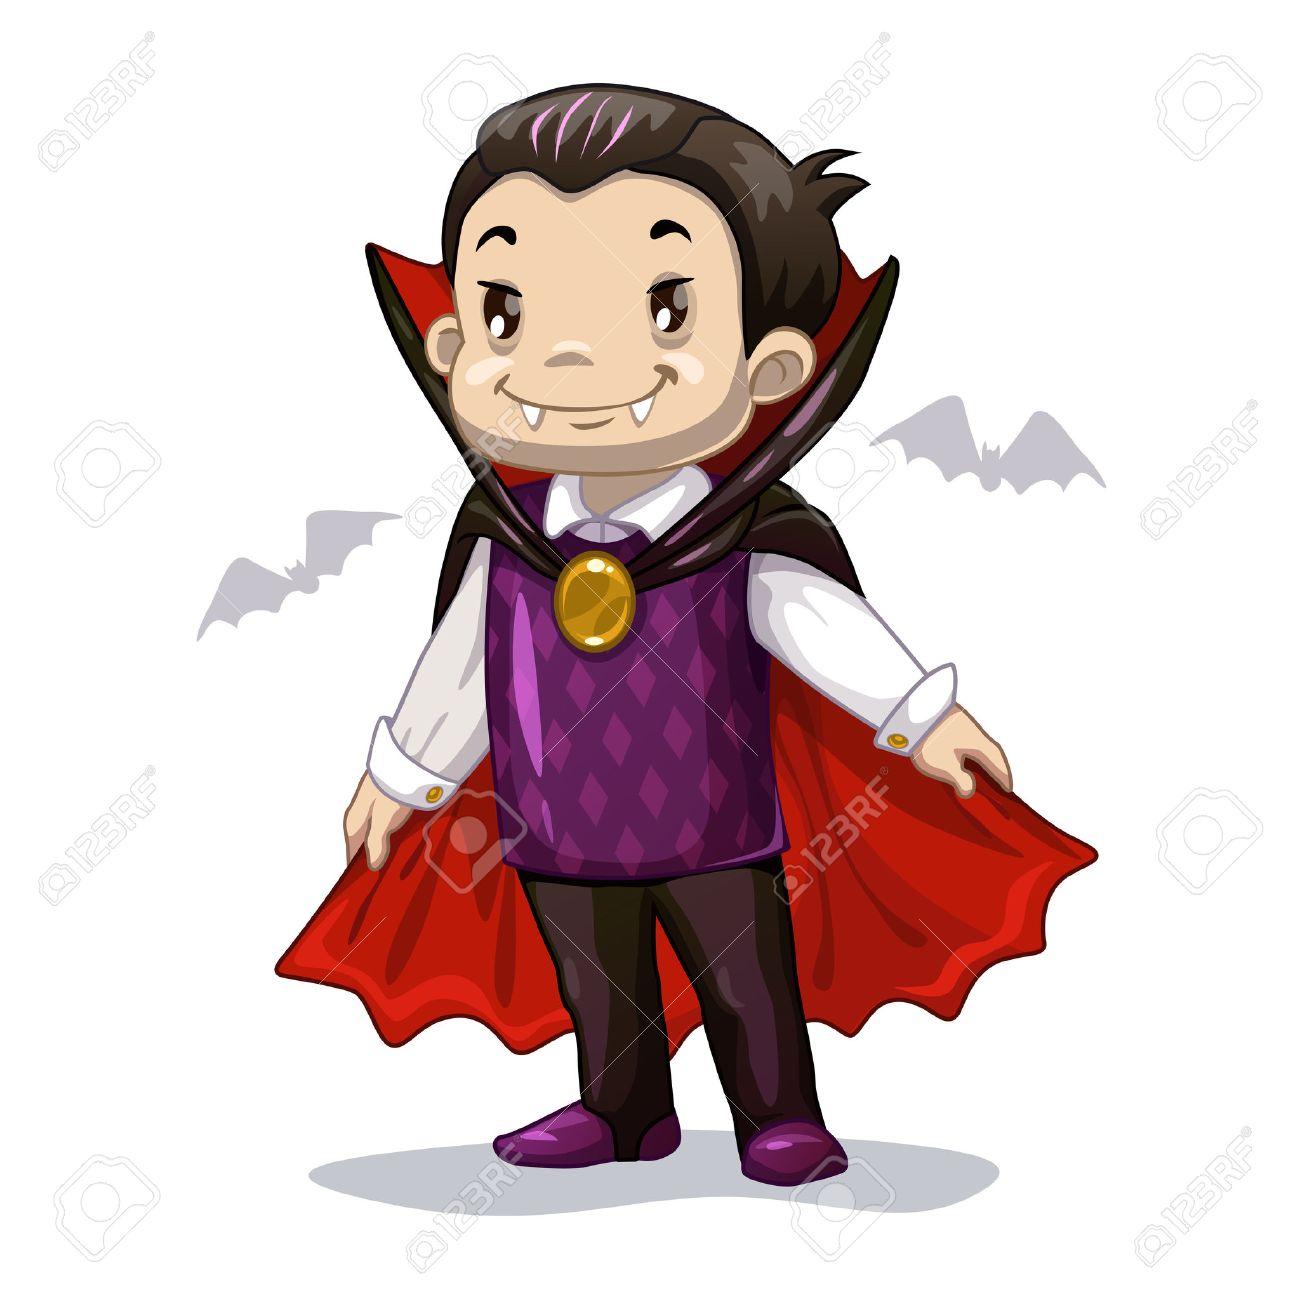 面白い漫画少しヴァンパイアハロウィーンの衣装を身に着けている男の子